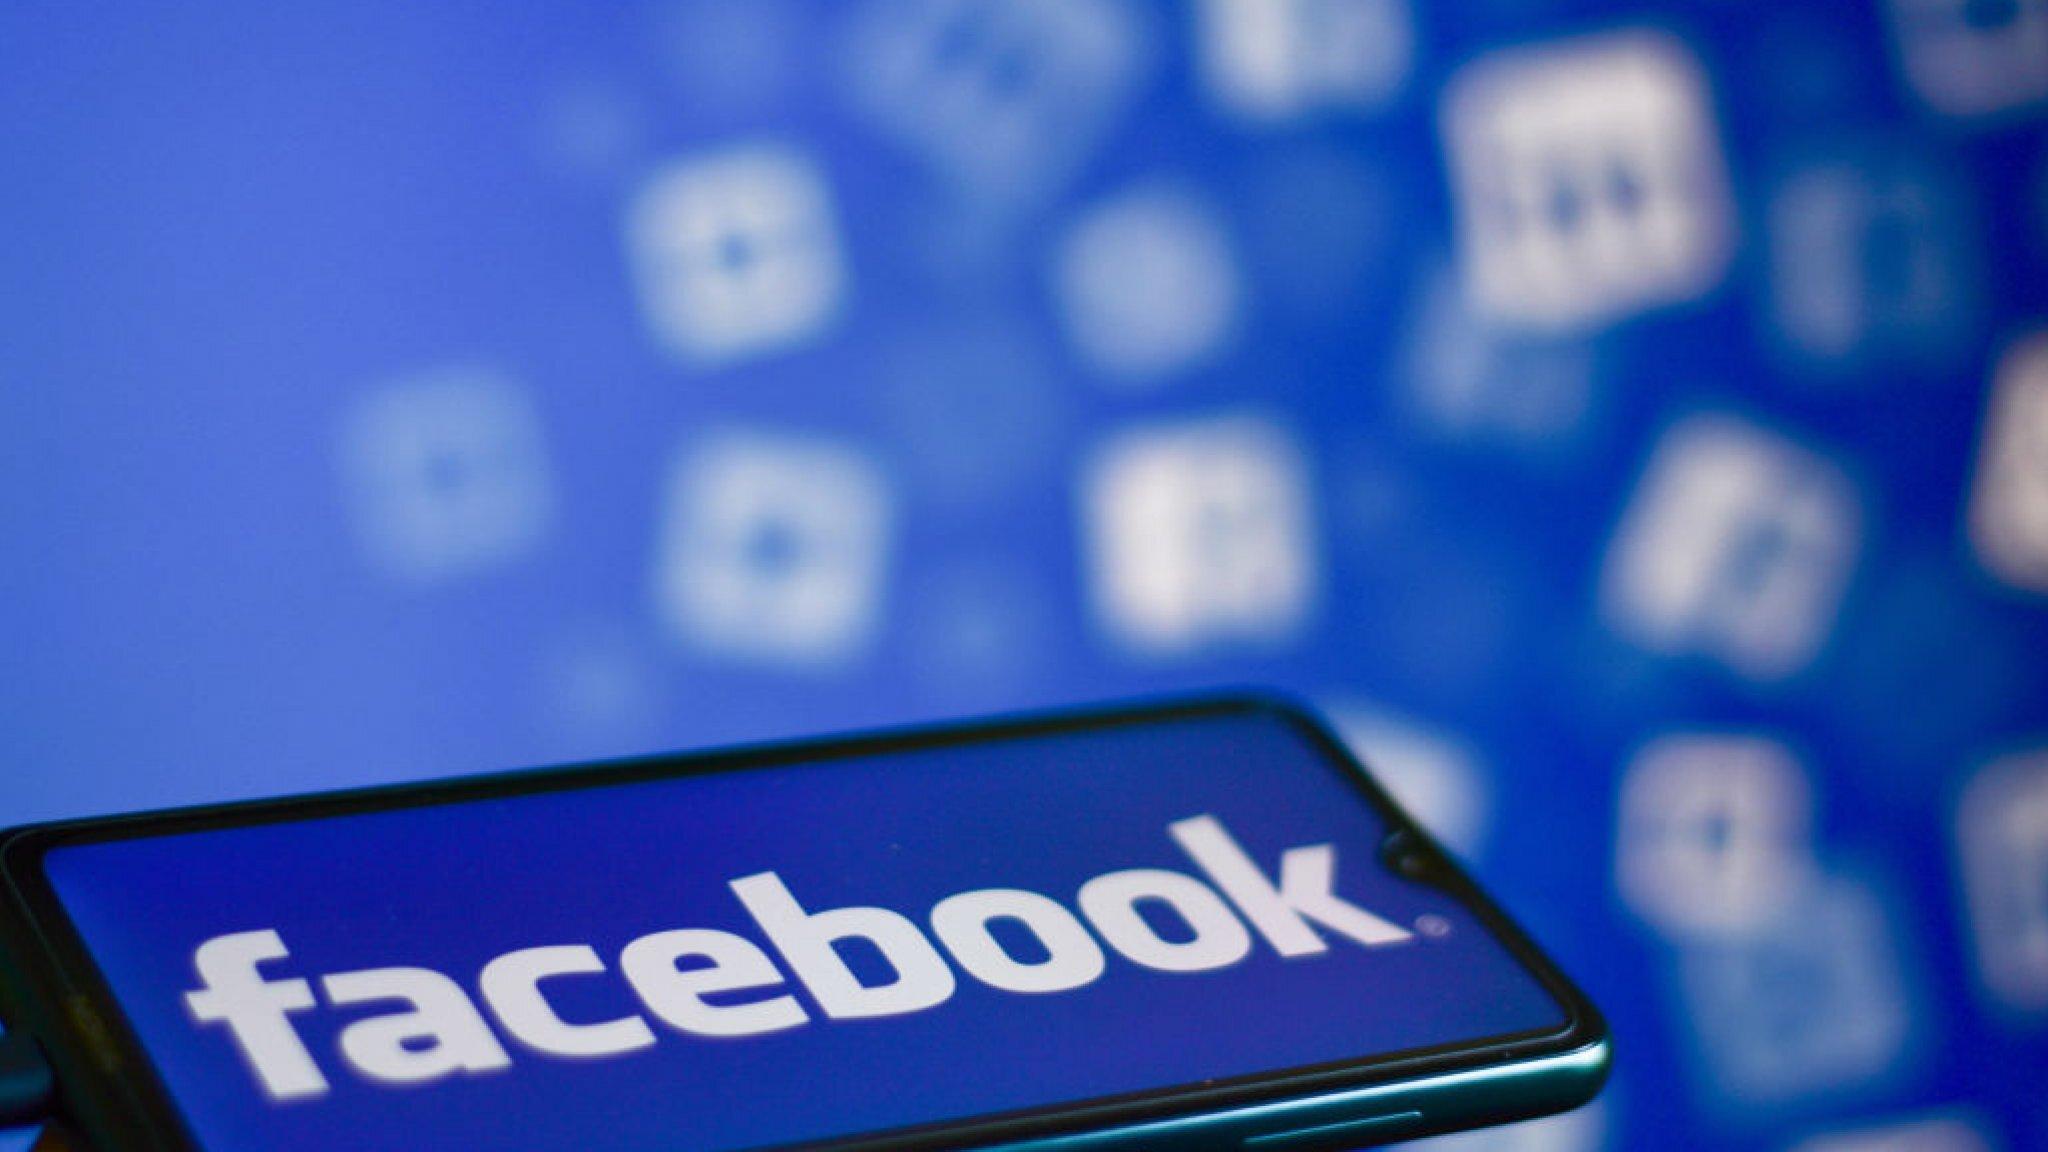 فیس بوک به دلیل نقض قانون ۶۵۰ میلیون دلار جریمه شد